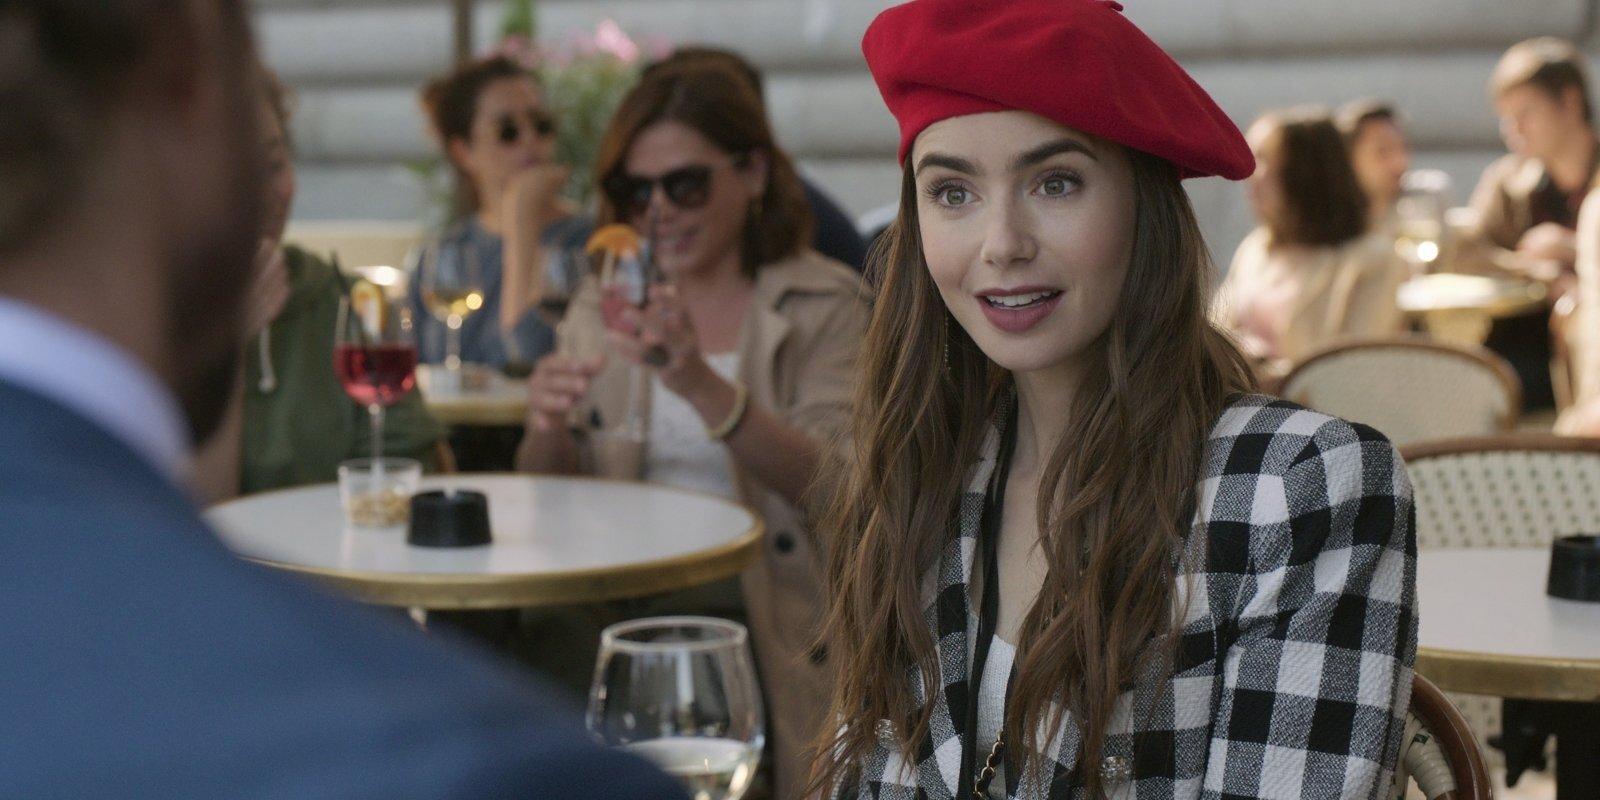 Seriāla 'Emīlija Parīzē' 2. sezona – ko sagaidīsim?